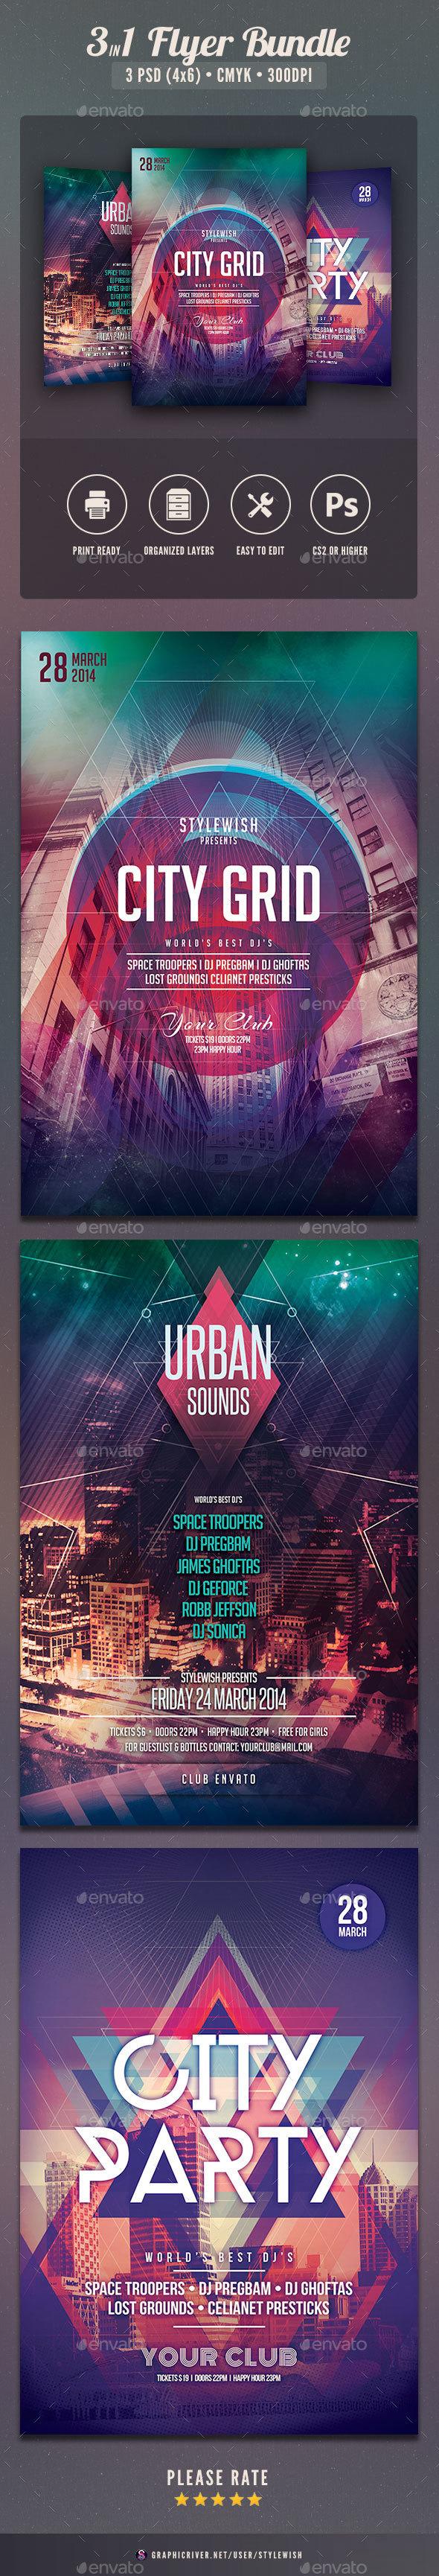 City Party Flyer Bundle Vol.03 - Clubs & Parties Events